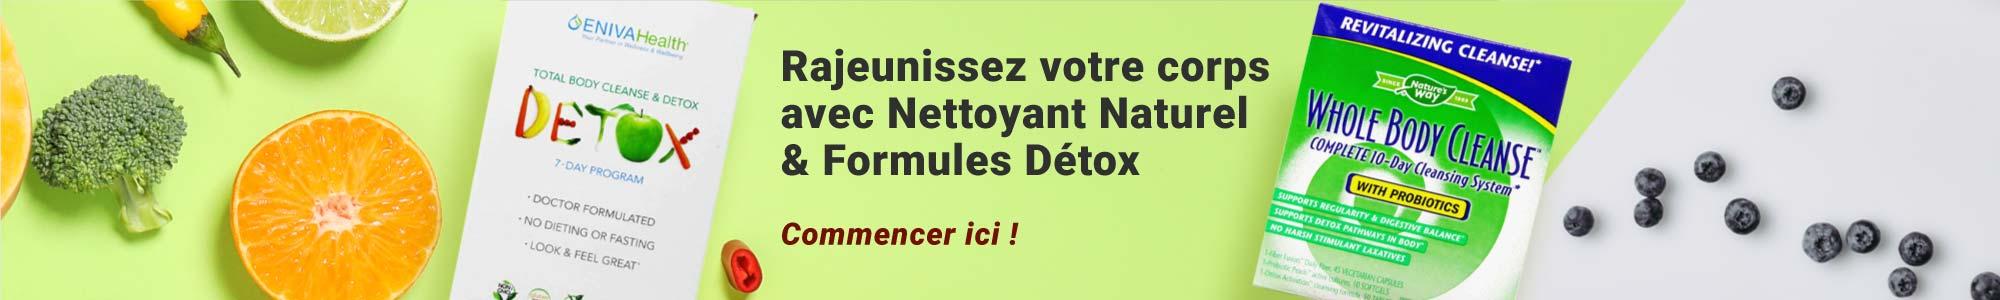 Rajeunissez votre corps avec Nettoyant Naturel & Formules Détox. Commencer ici!